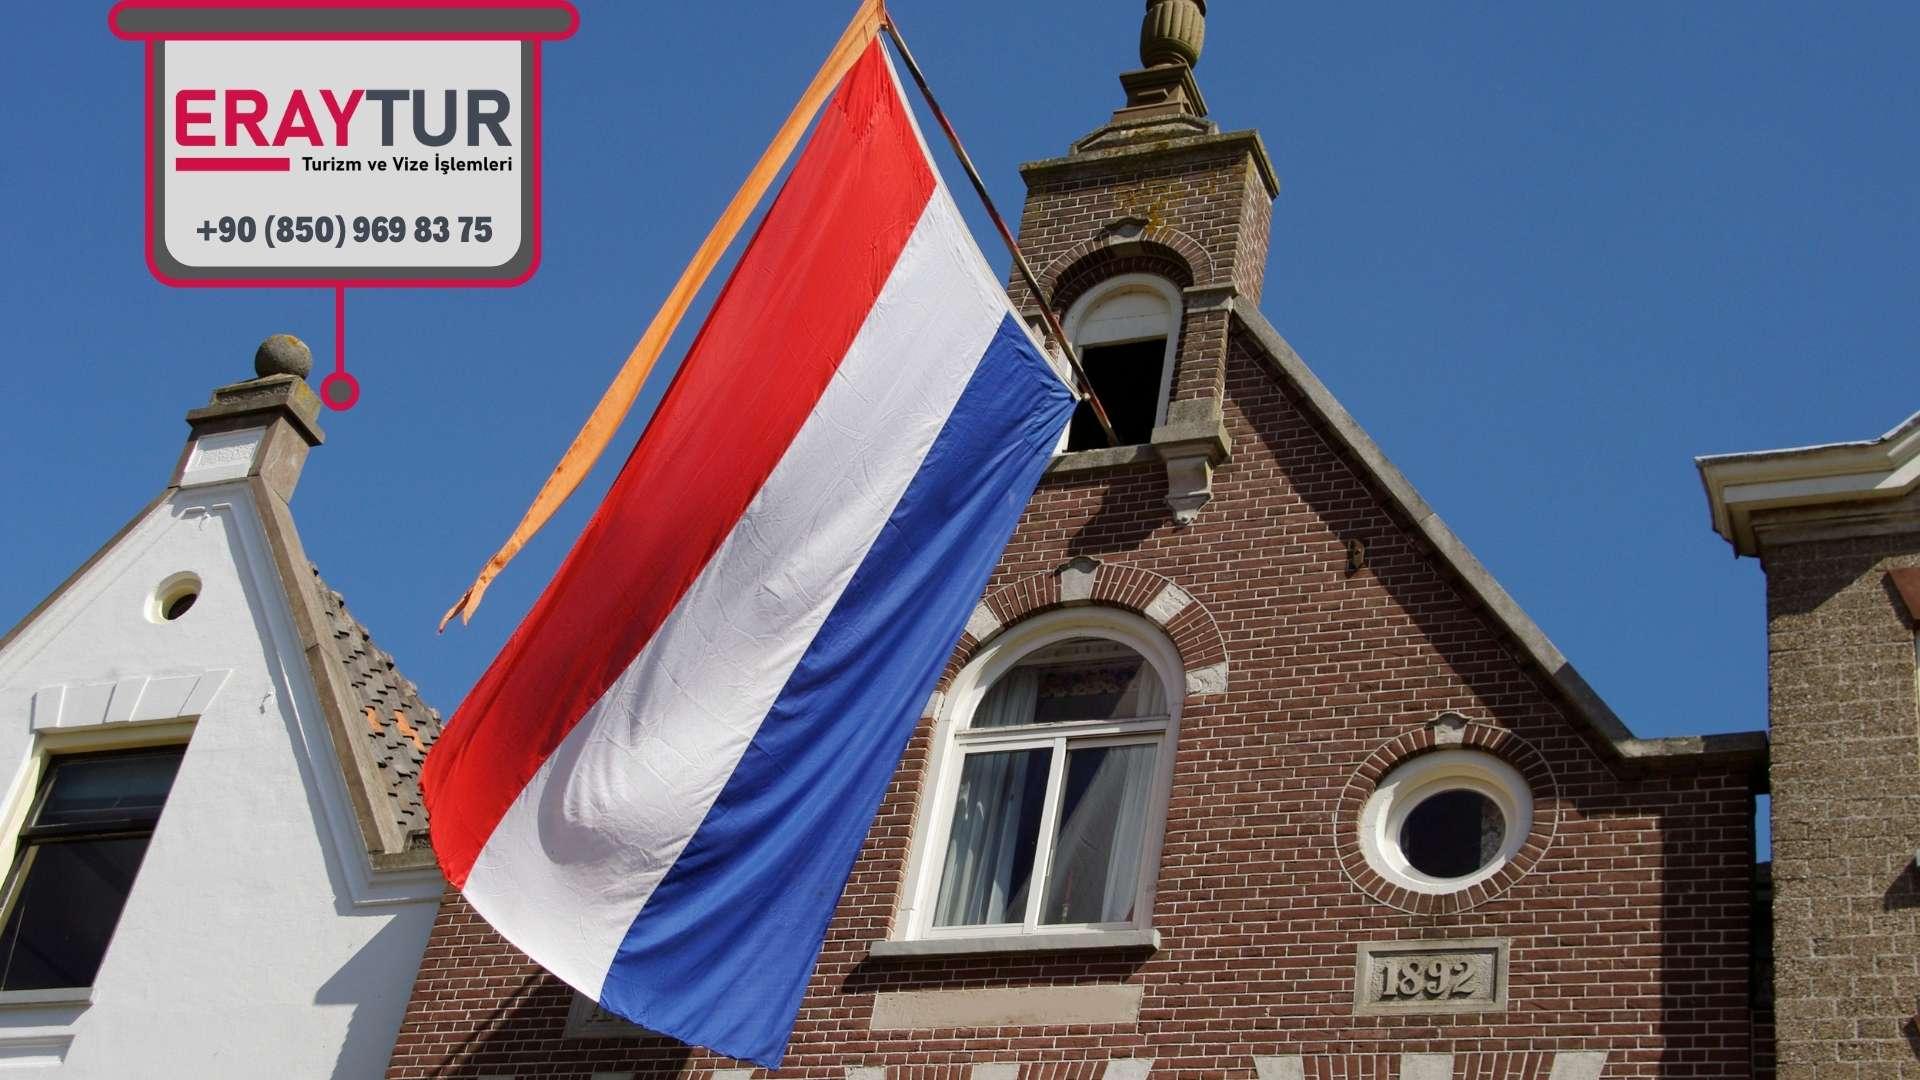 Hollanda Vize Ücreti Hakkında Bilinmesi Gerekenler